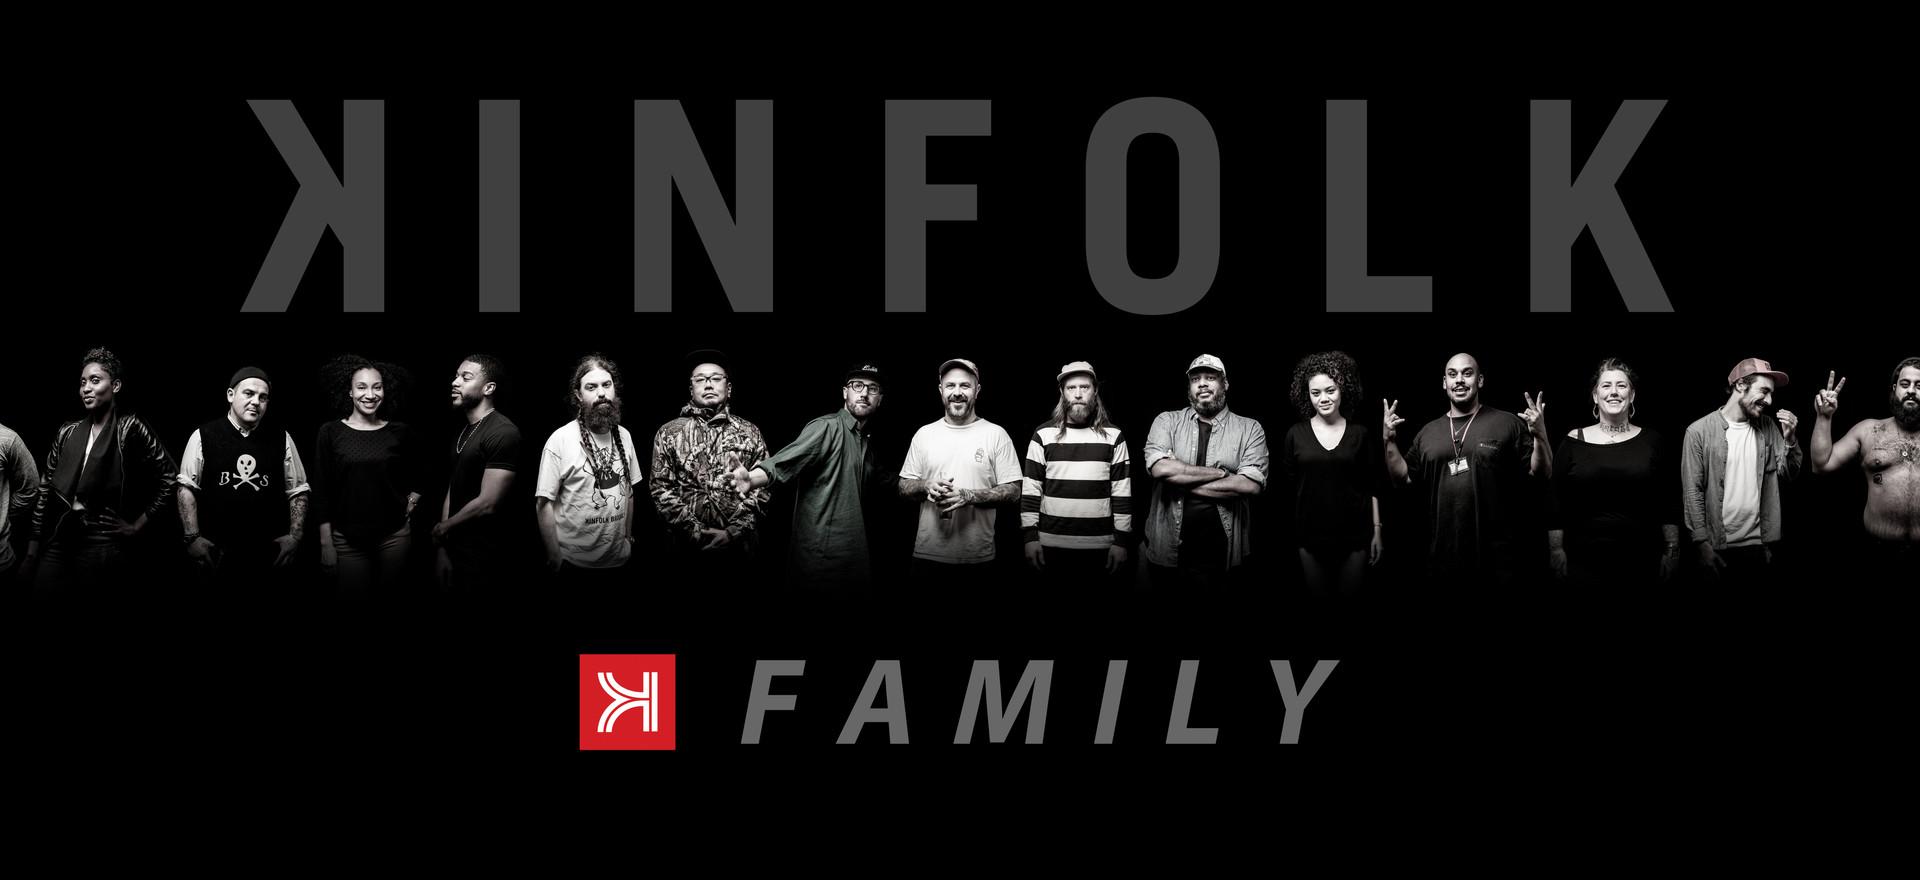 Kinfolk Family -Brooklyn, NY-